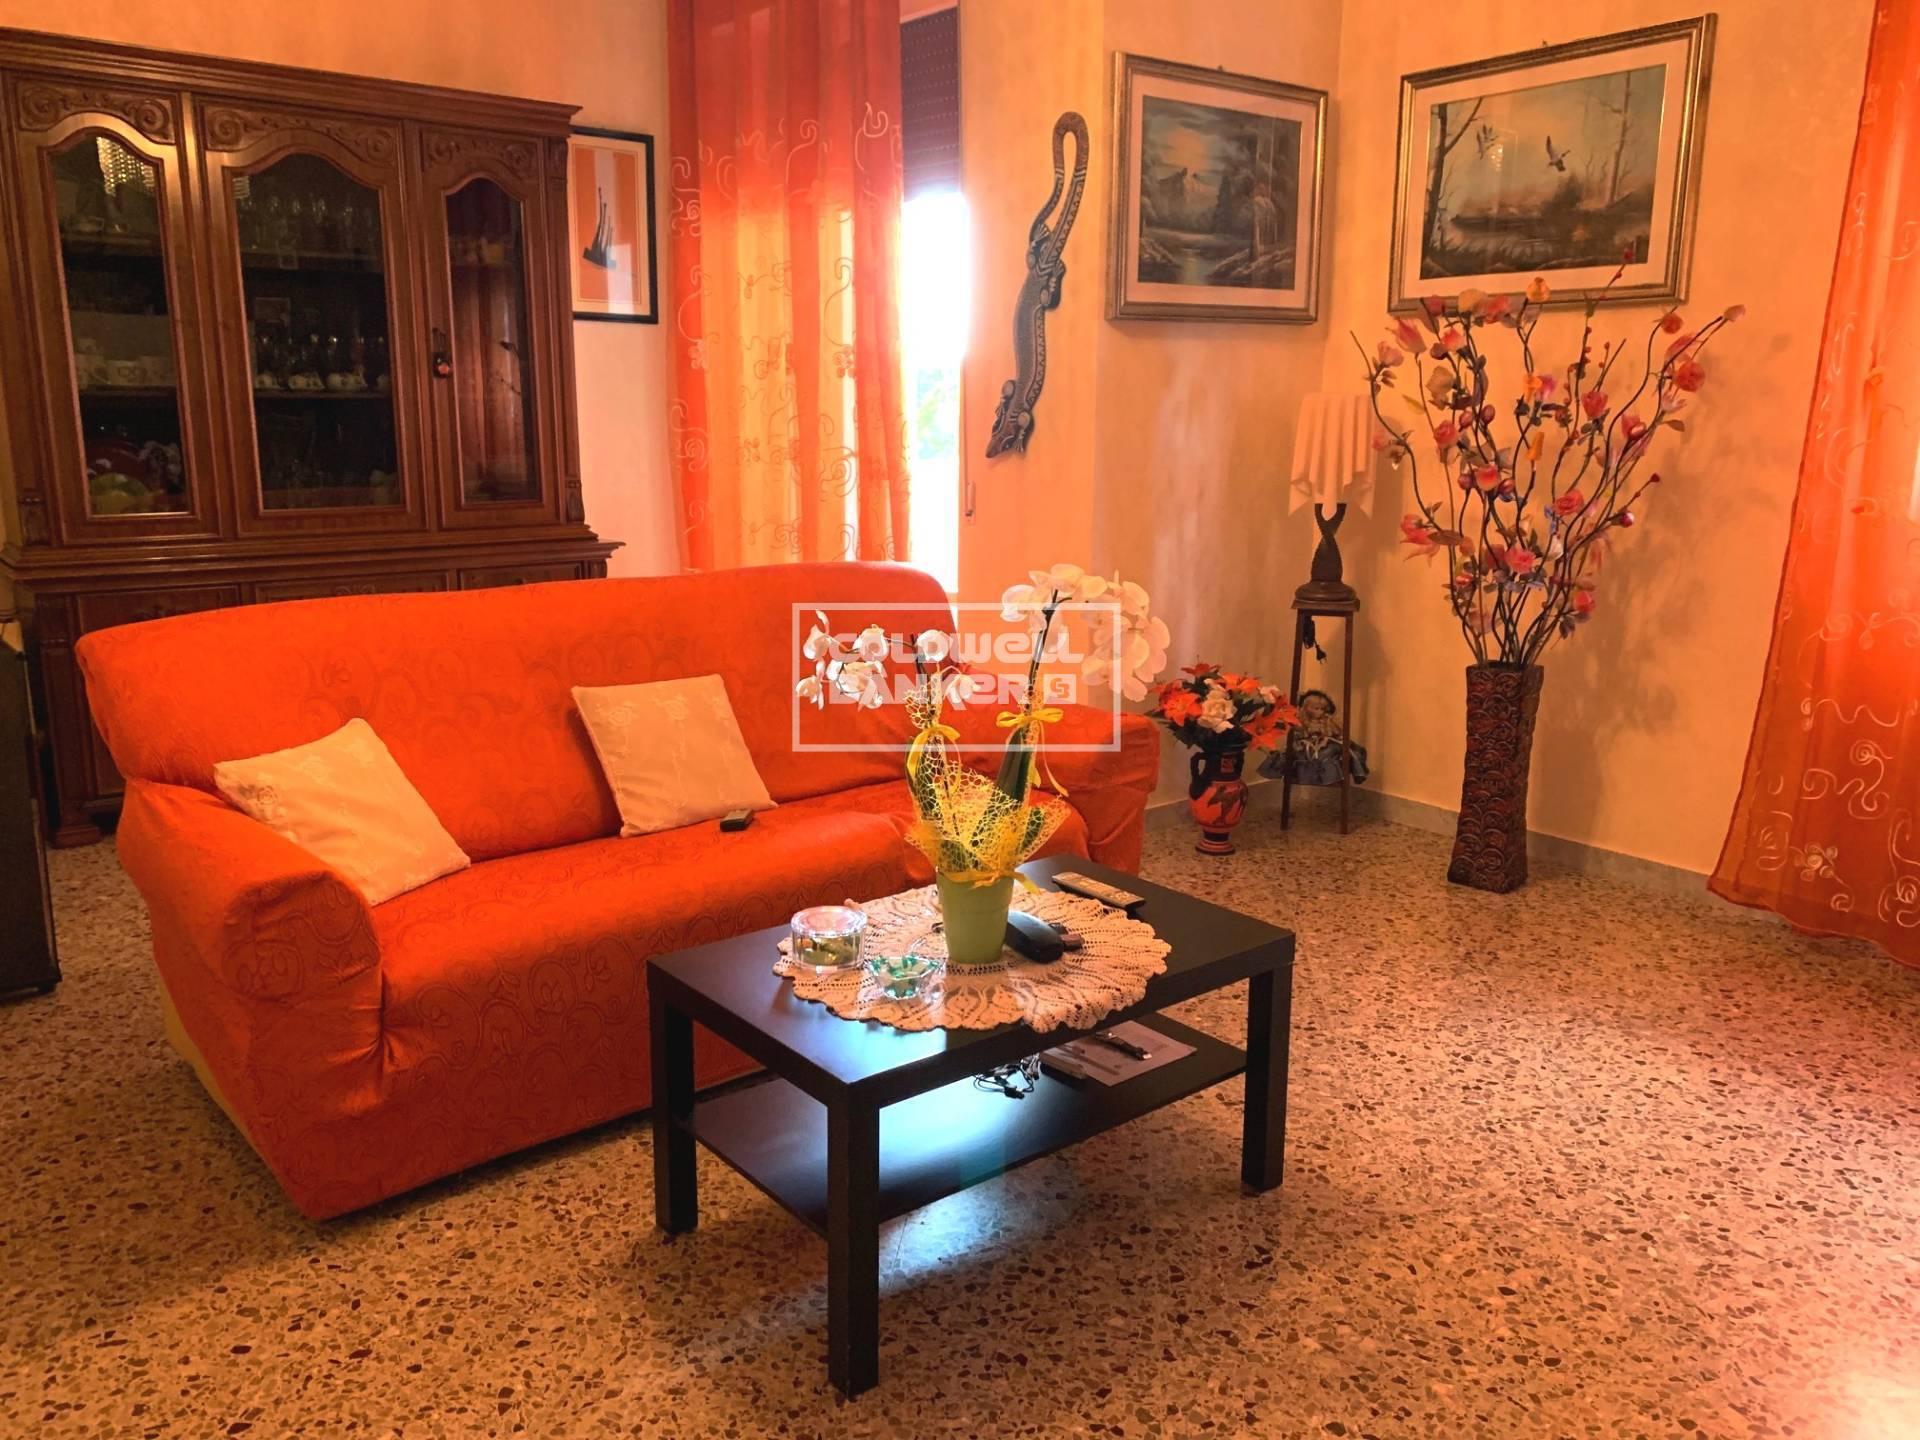 Appartamento in vendita S. Elia-piazza giovanni Boldini Brindisi